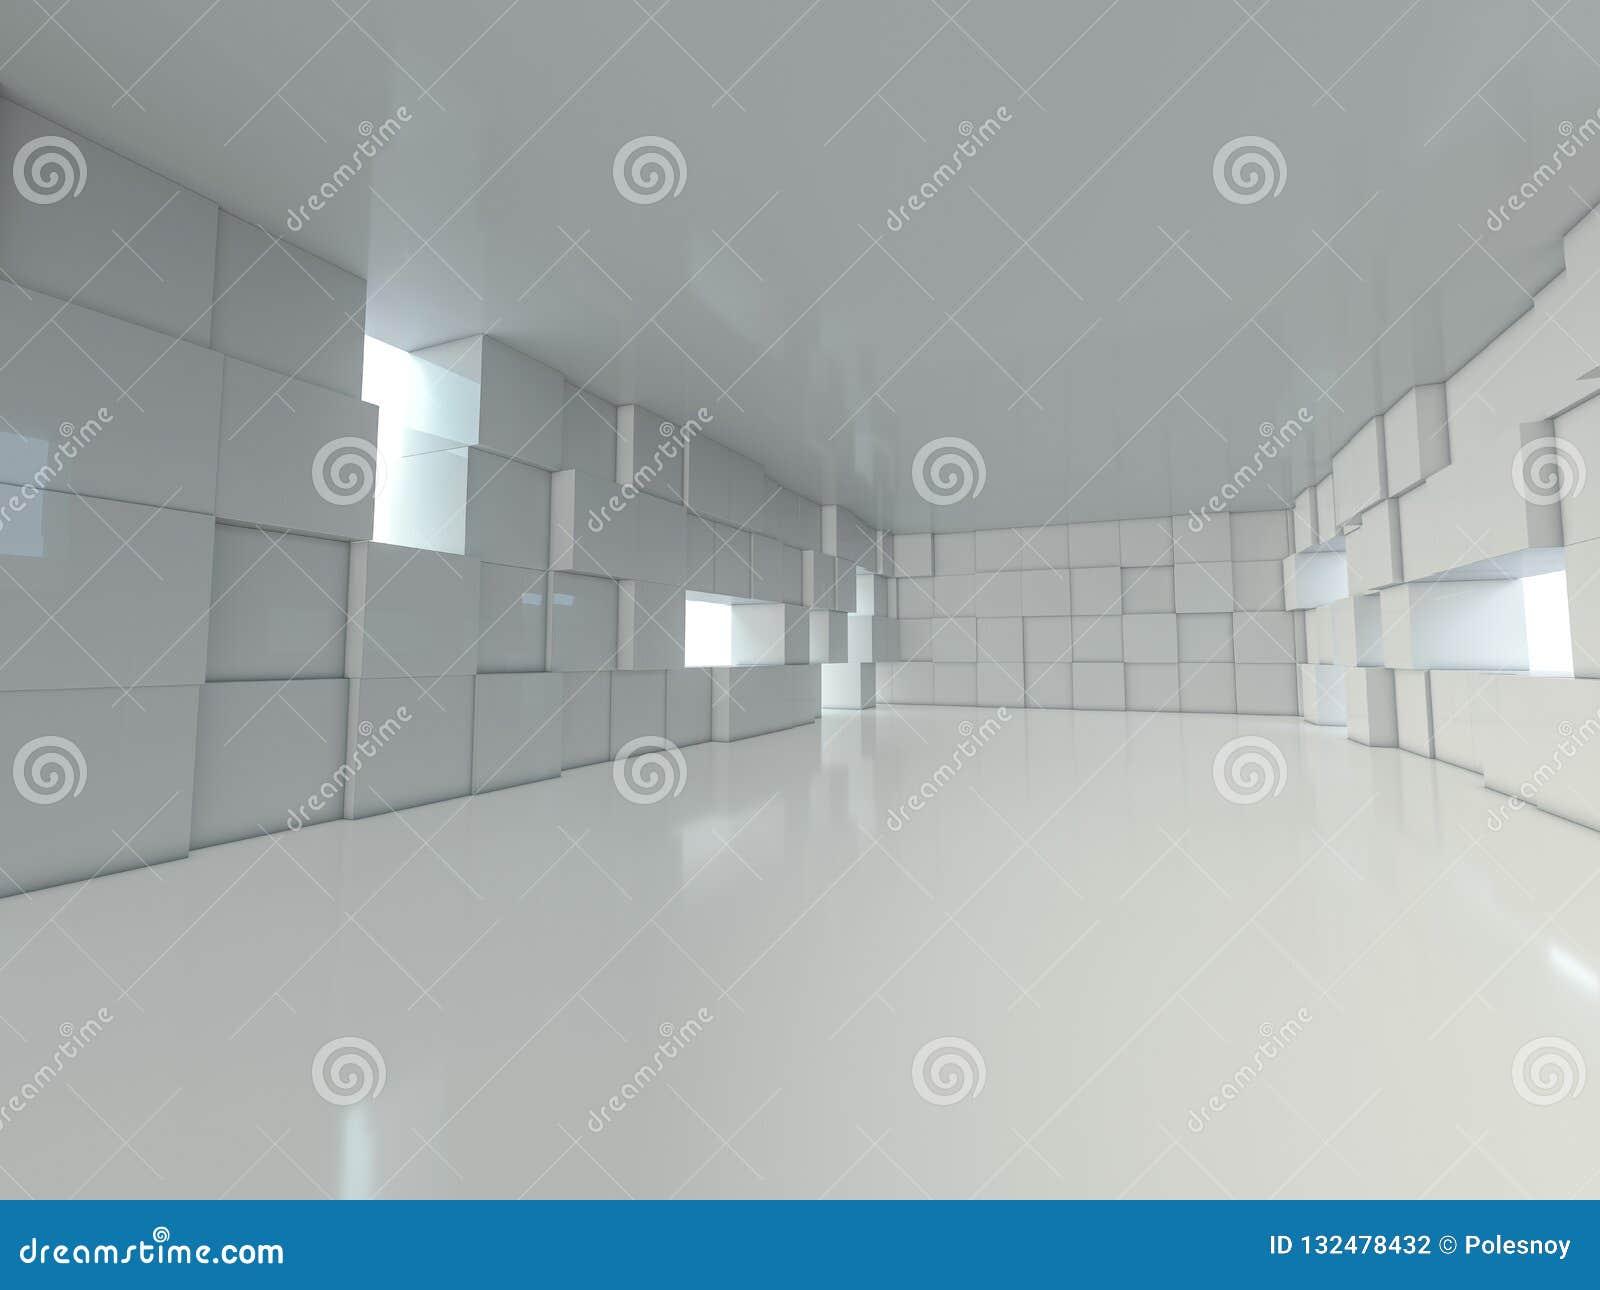 抽象现代建筑学背景,空的露天场所内部 3d